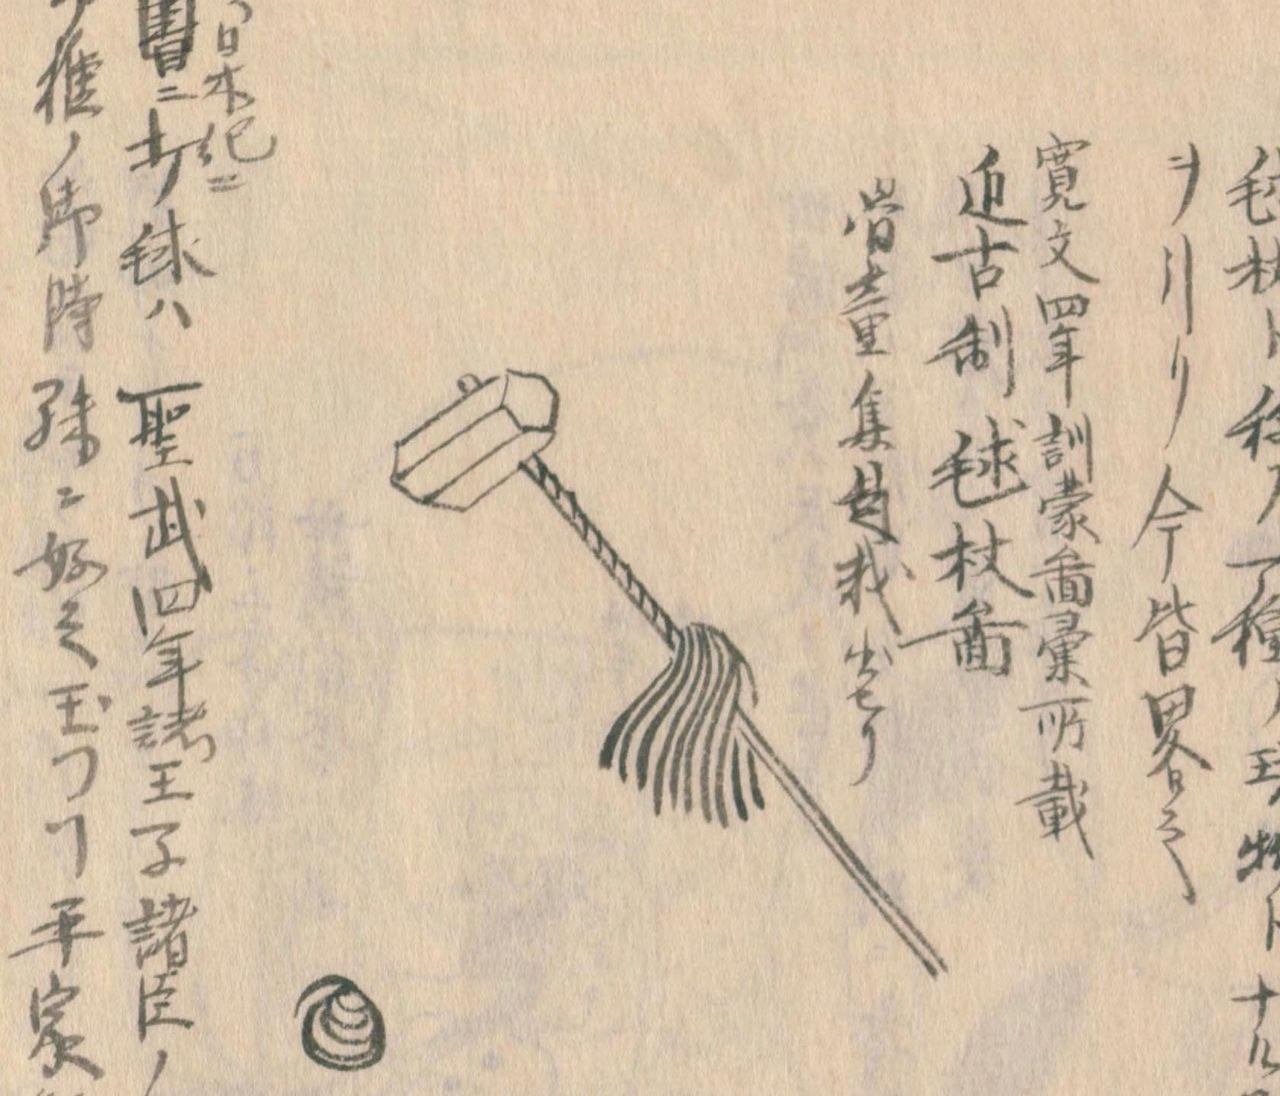 Изображение гиттё, биты и мяча, перерисовка иллюстрации из энциклопедии «Киммо дзуи» 1666 года в «Морисада манко»: во времена издания энциклопедии биту украшали разноцветными шнурами, но когда игра распространилась в народе, шнуры уже не использовались